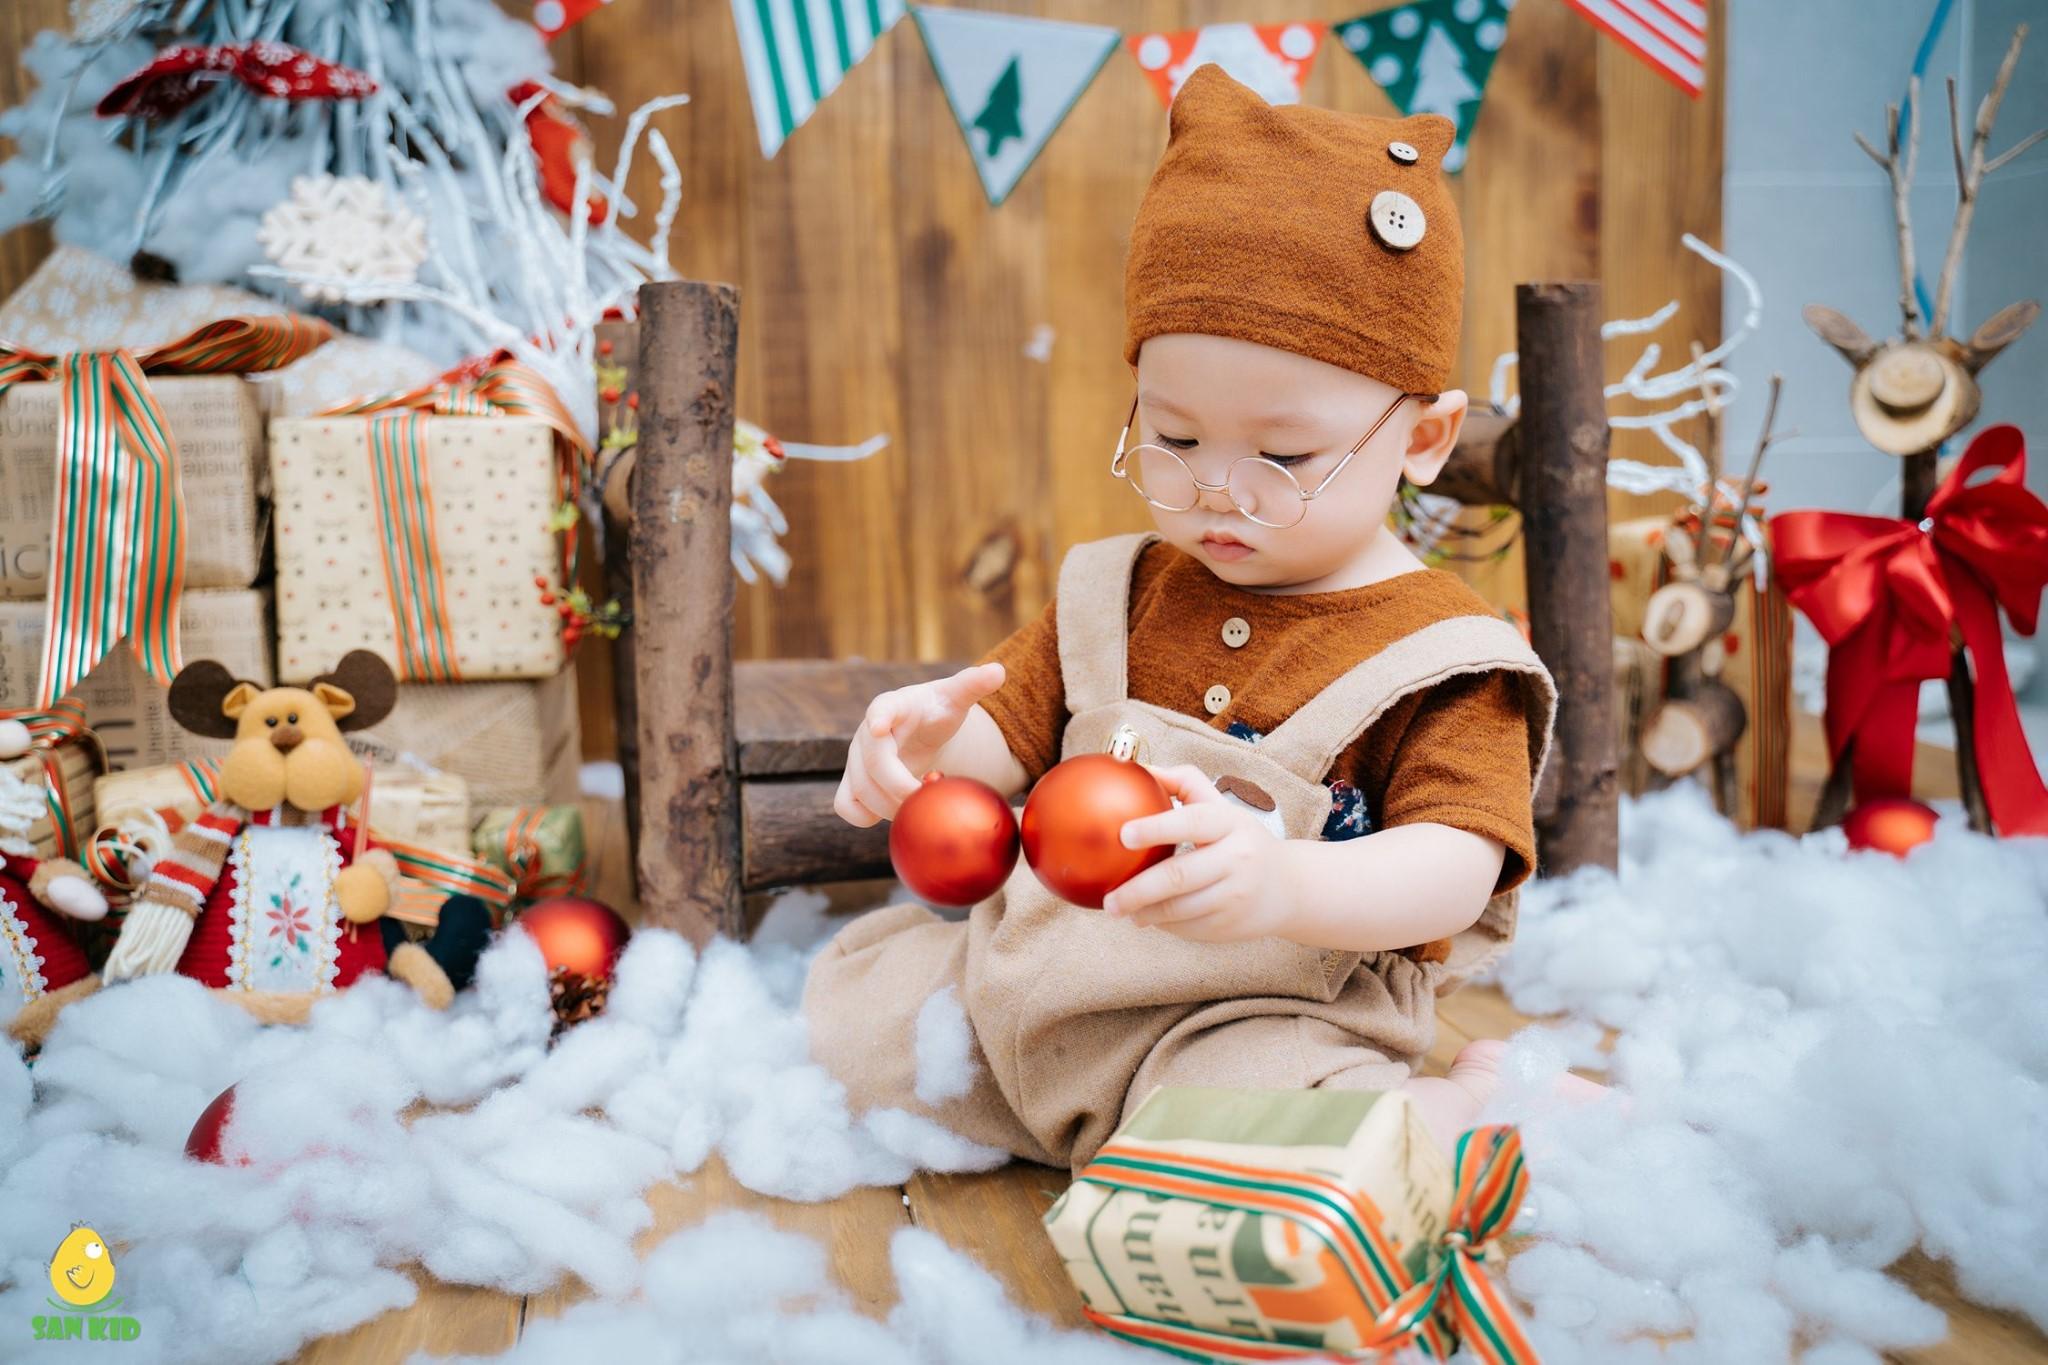 Ảnh bé yêu mùa Noel 3